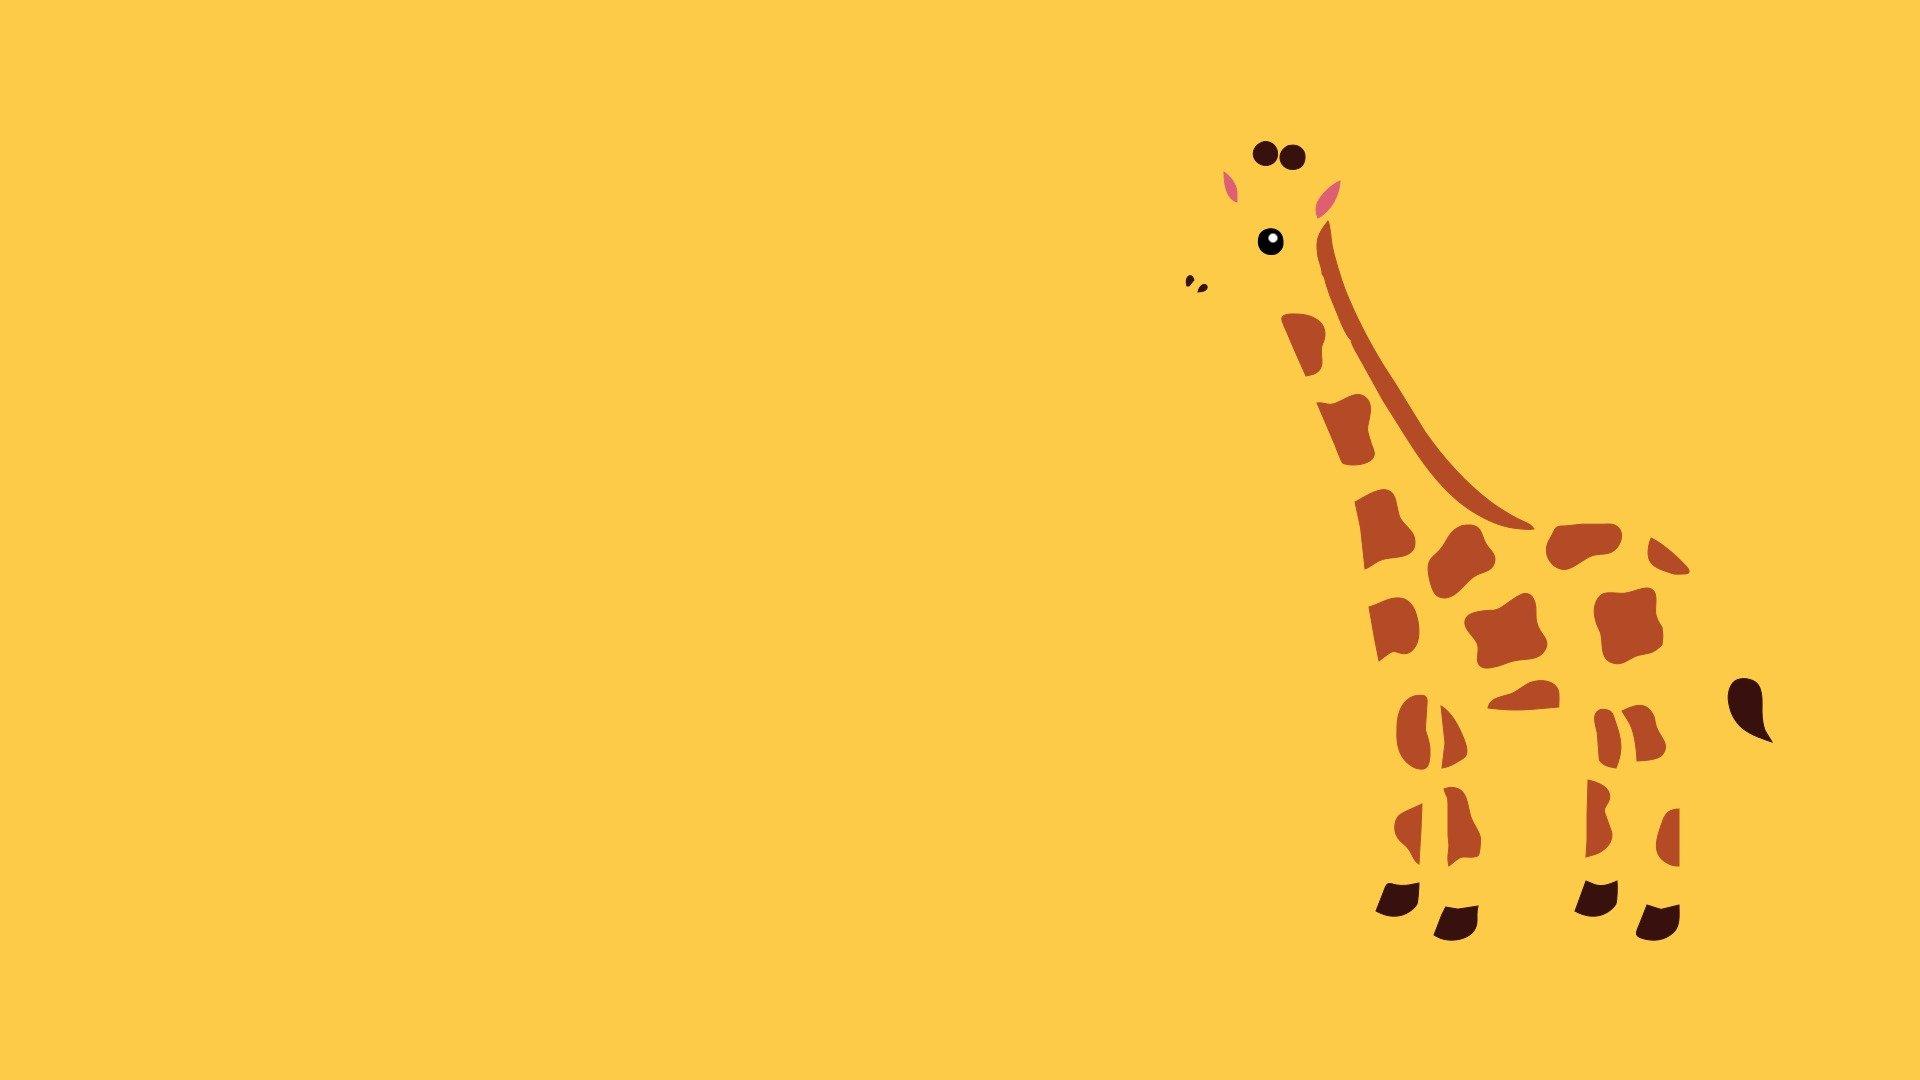 Cute animal print wallpaper